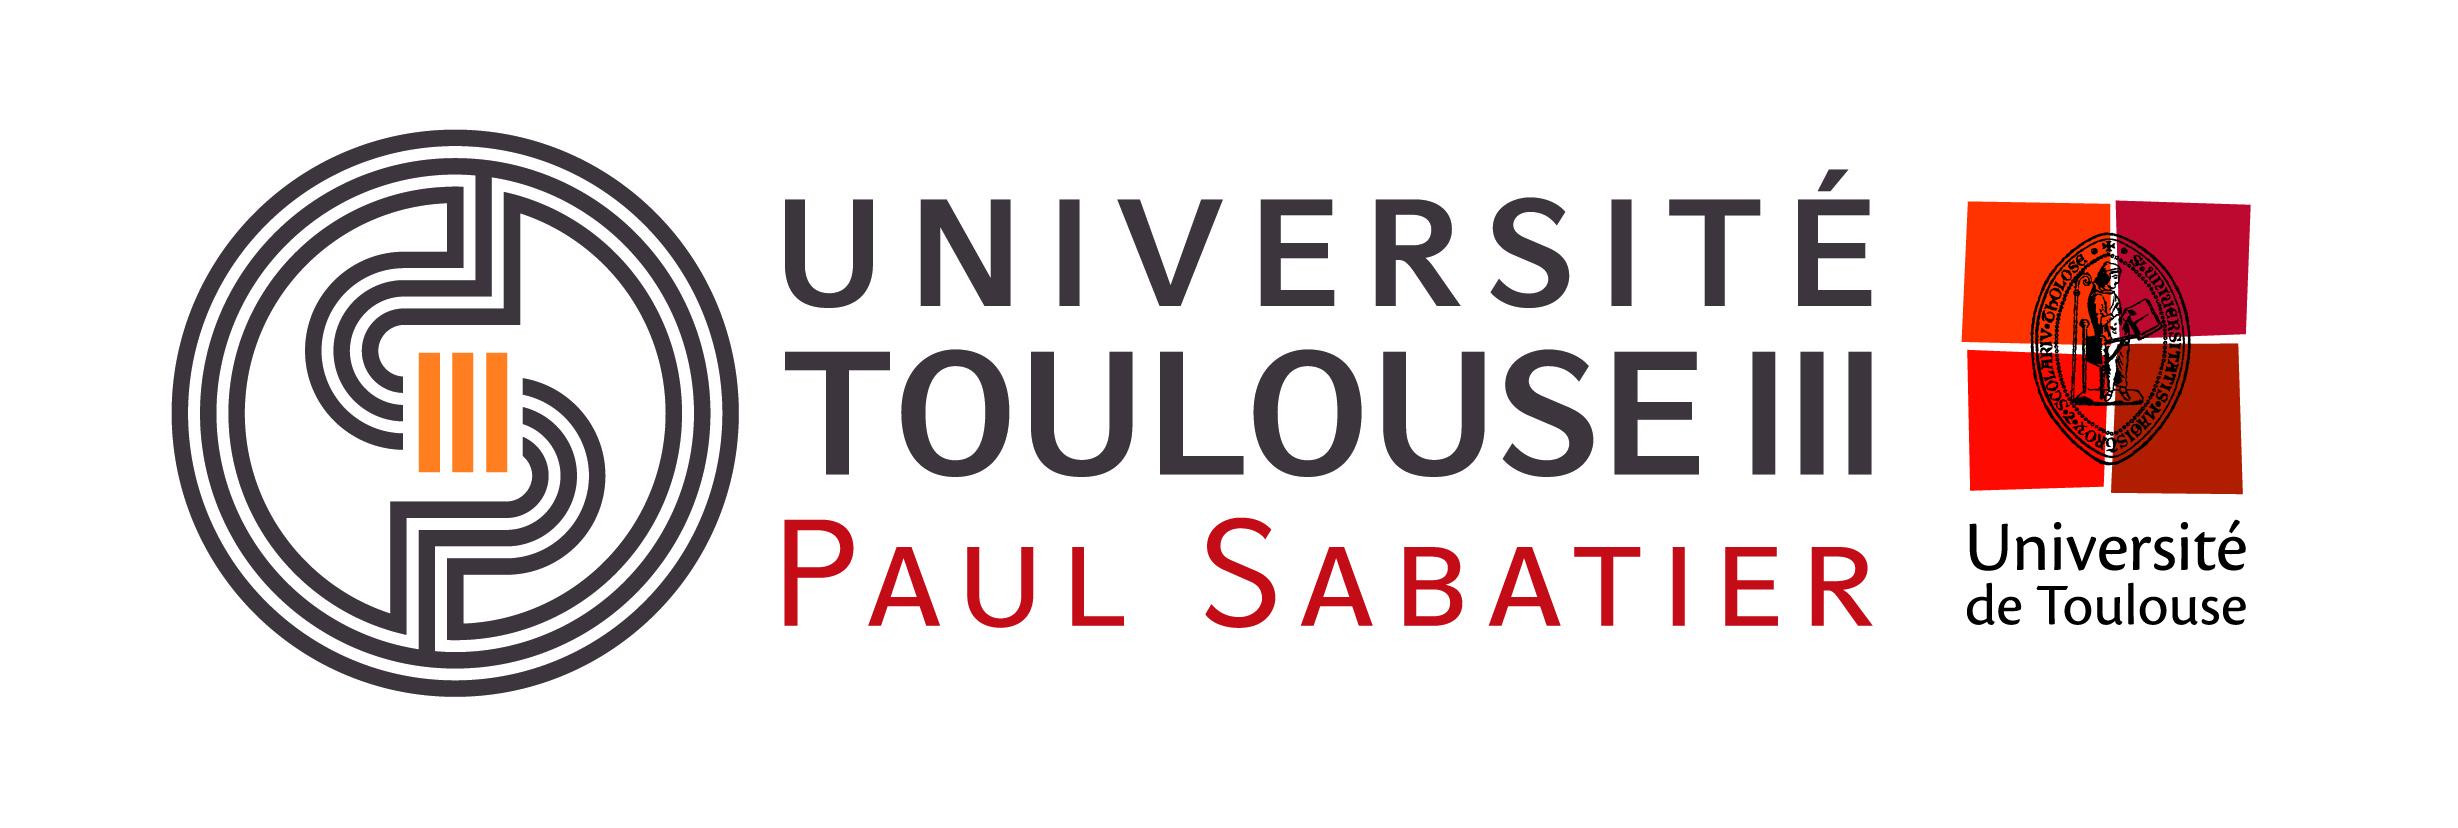 Logo Université Paul Sabatier